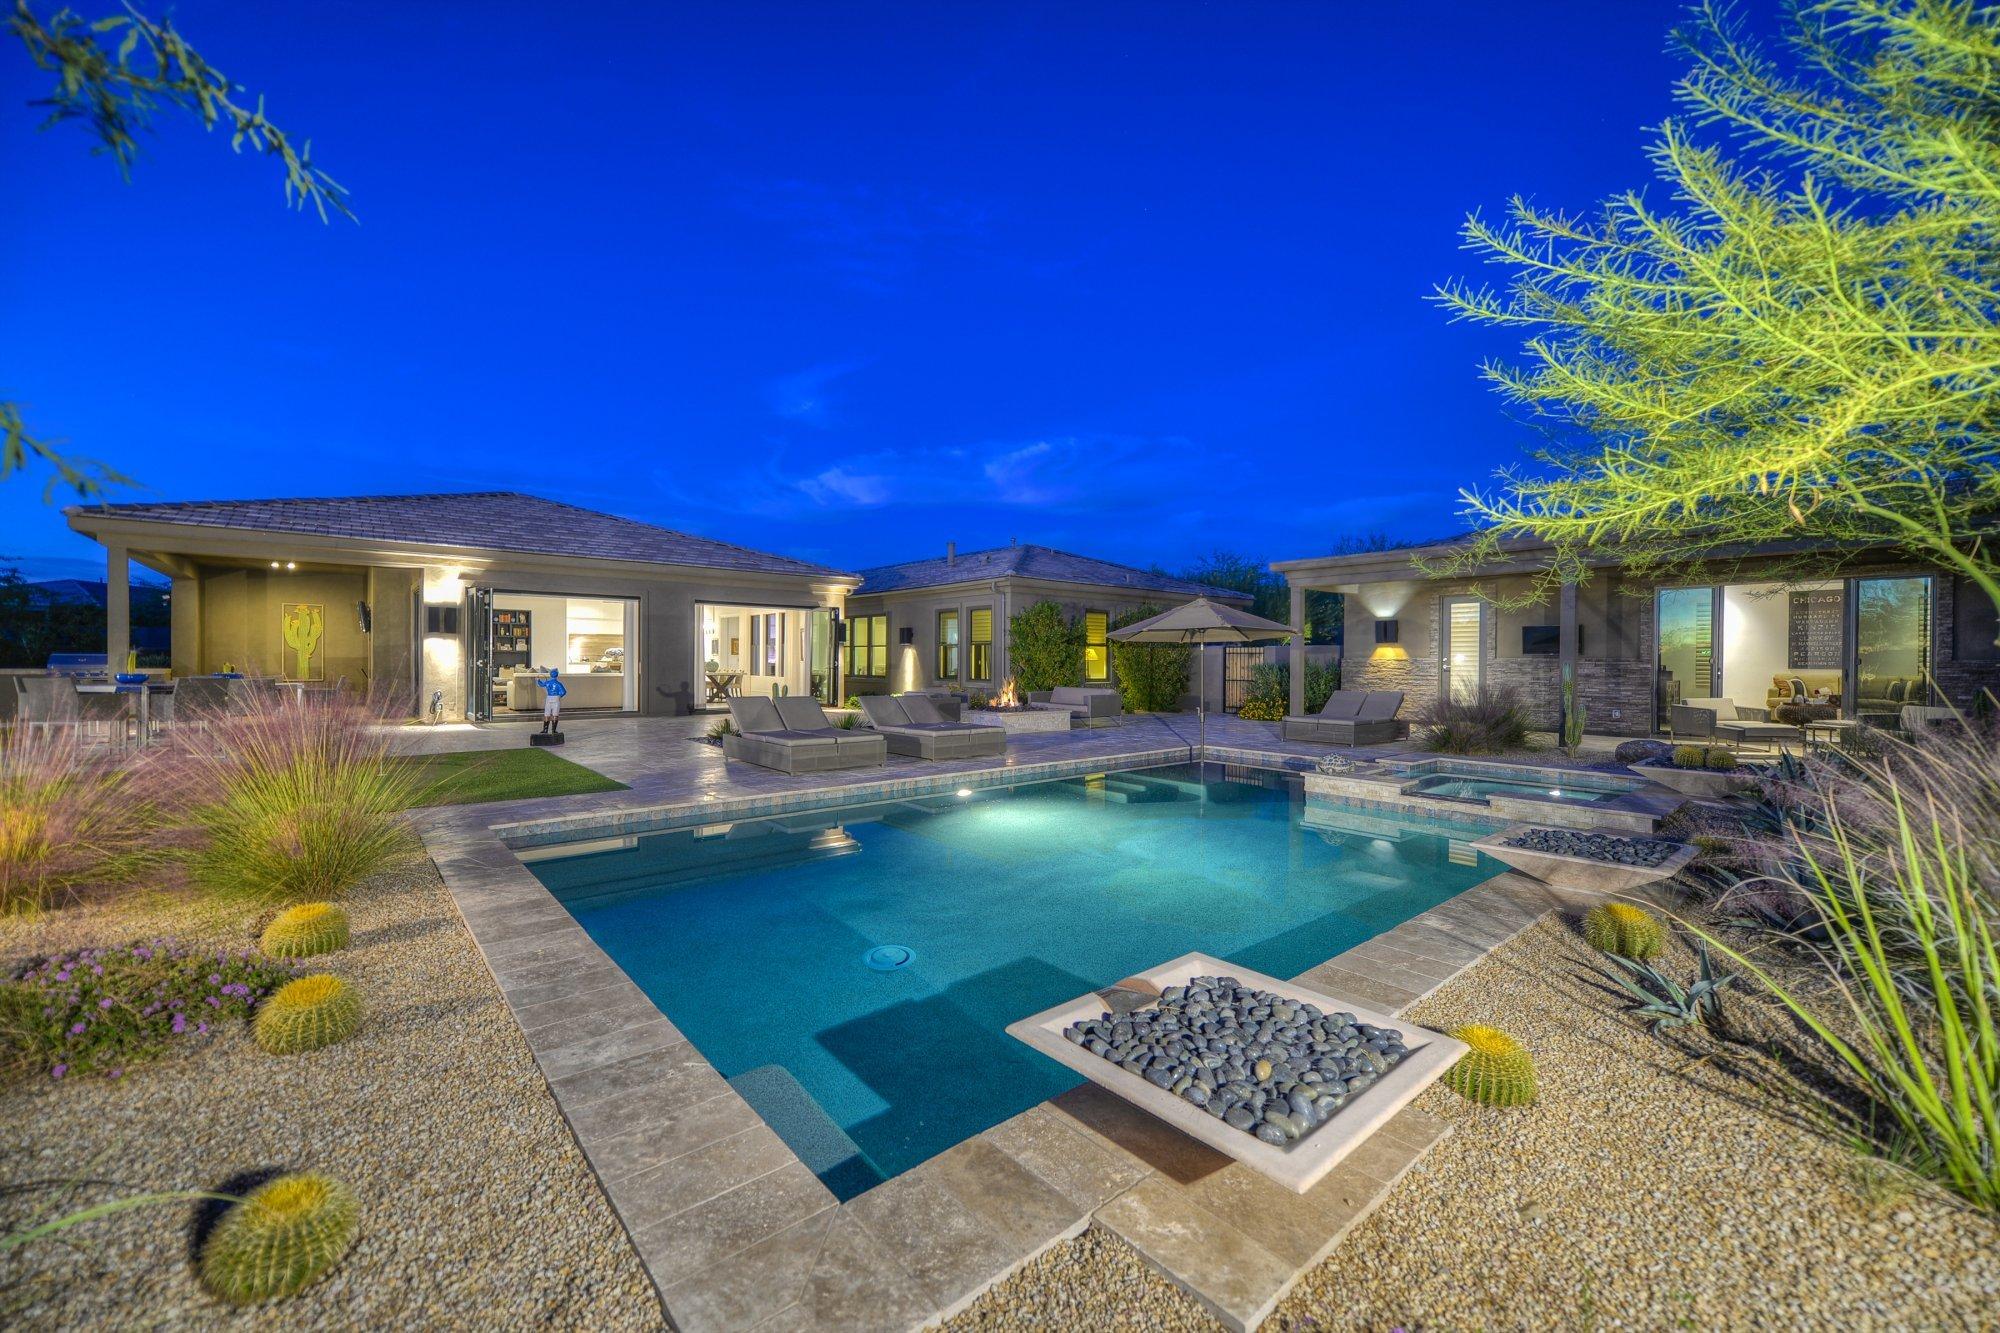 Cortina queen creek arizona homes for sale for Pool builders queen creek az